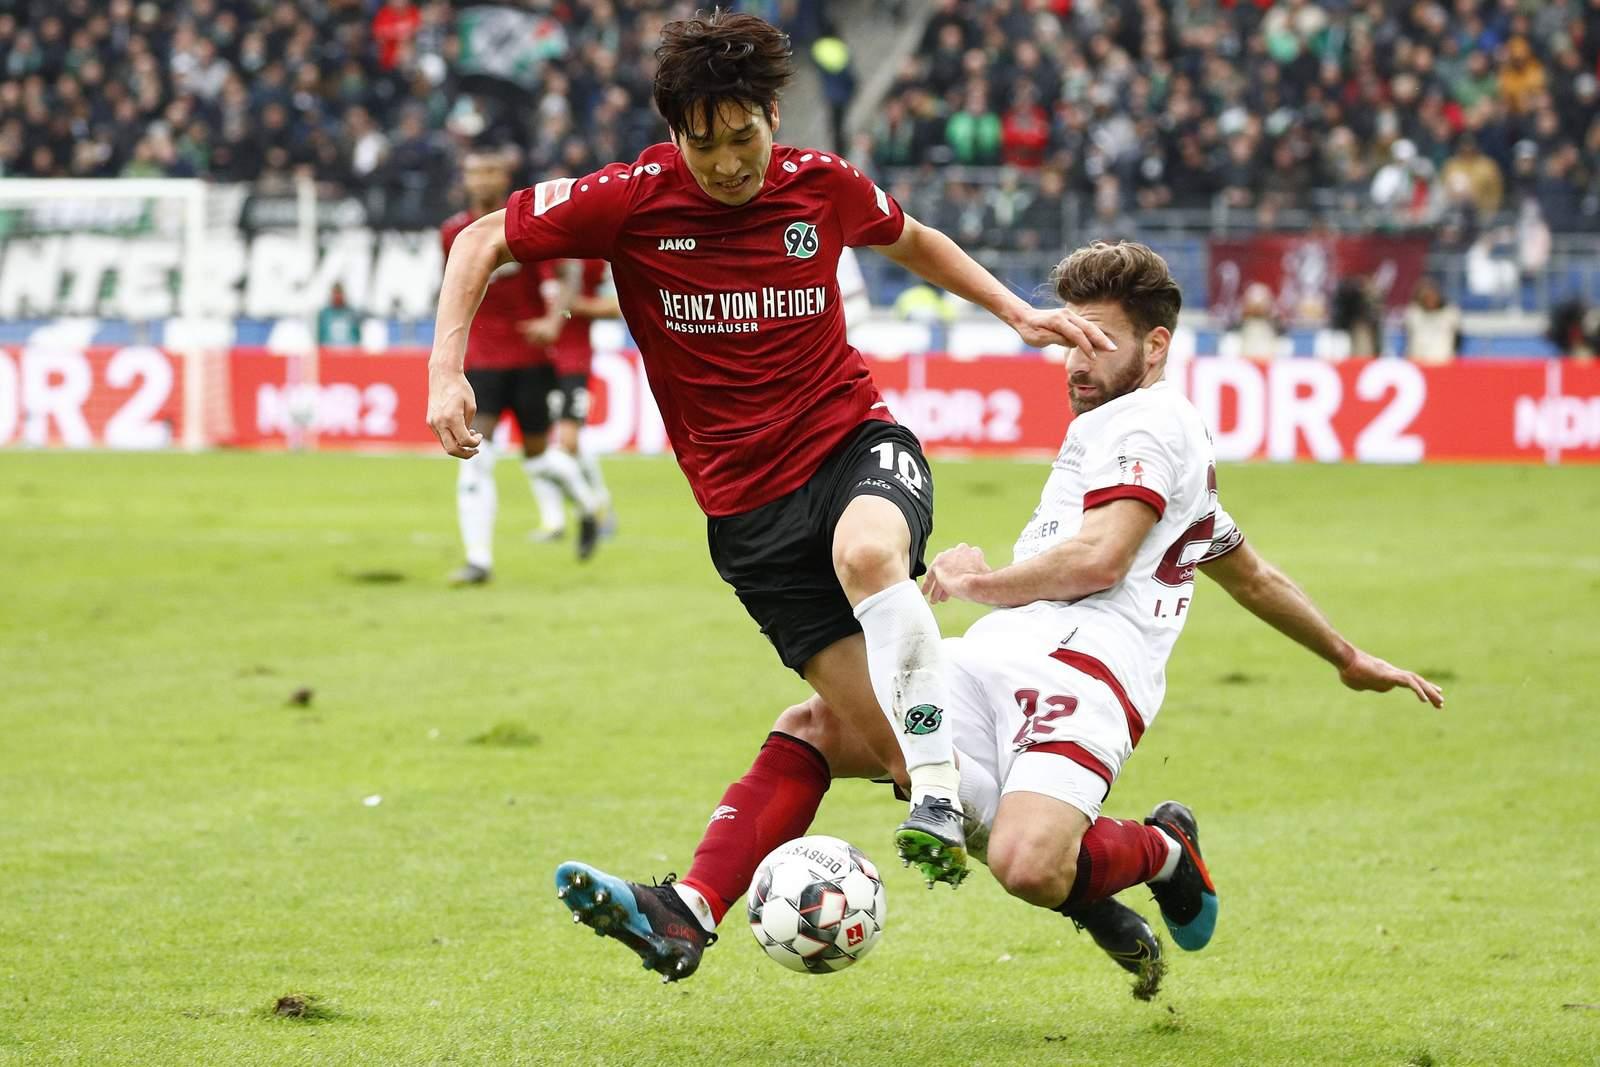 Setzt sich Haraguchi wieder gegen Valentini durch? Unser Tipp: Nürnberg gewinnt gegen Hannover